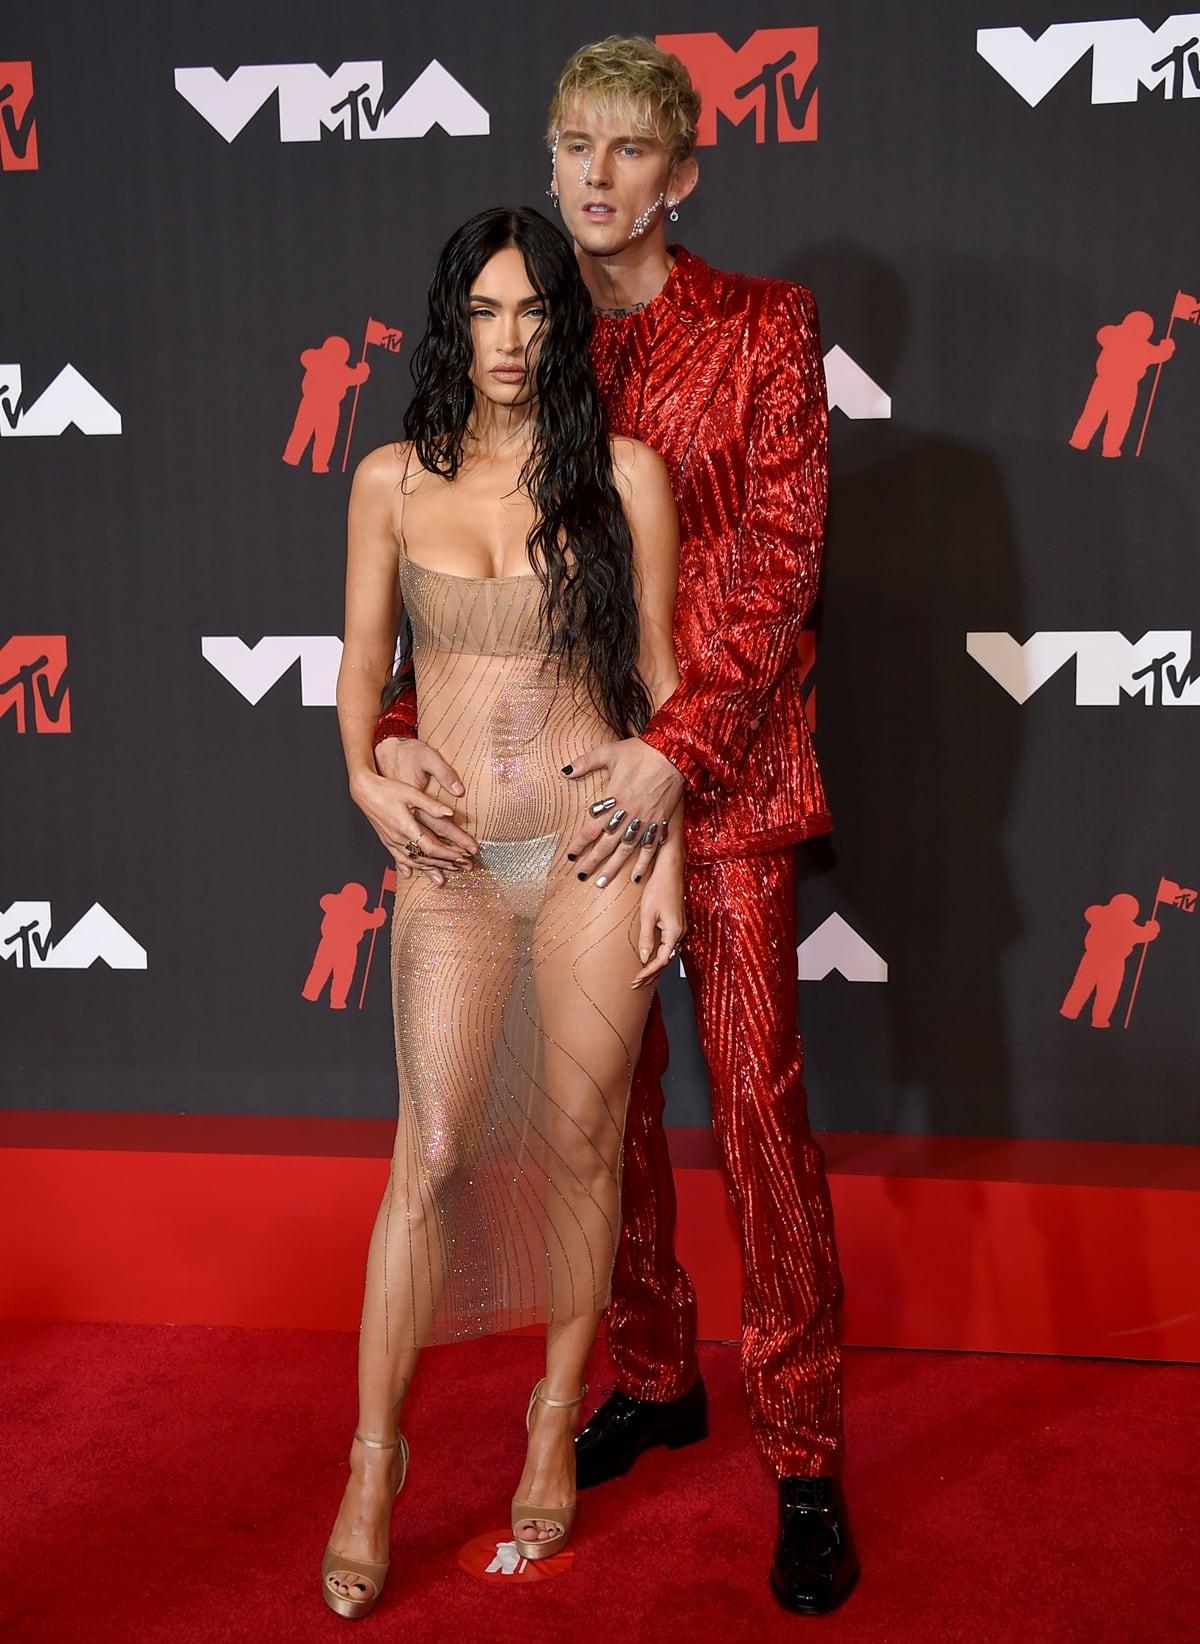 Megan Fox with her boyfriend Machine Gun Kelly at the 2021 MTV Video Music Awards